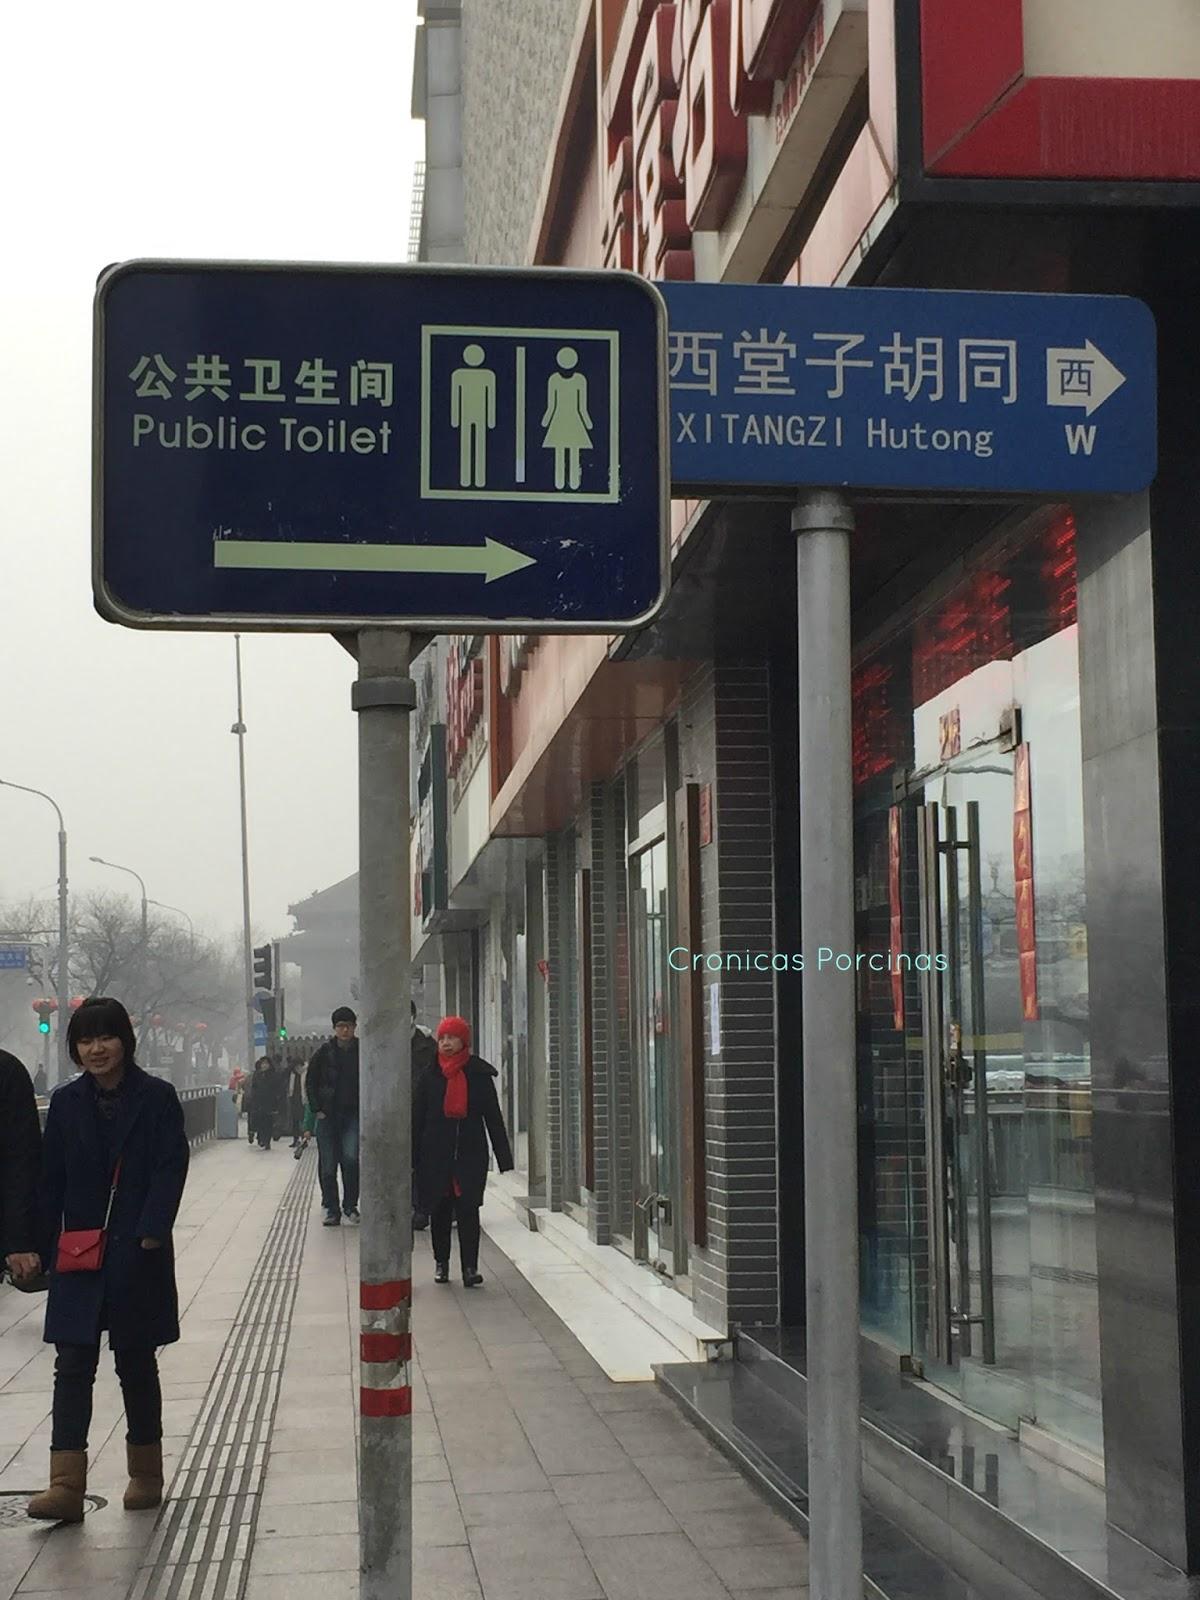 public toilet beijing